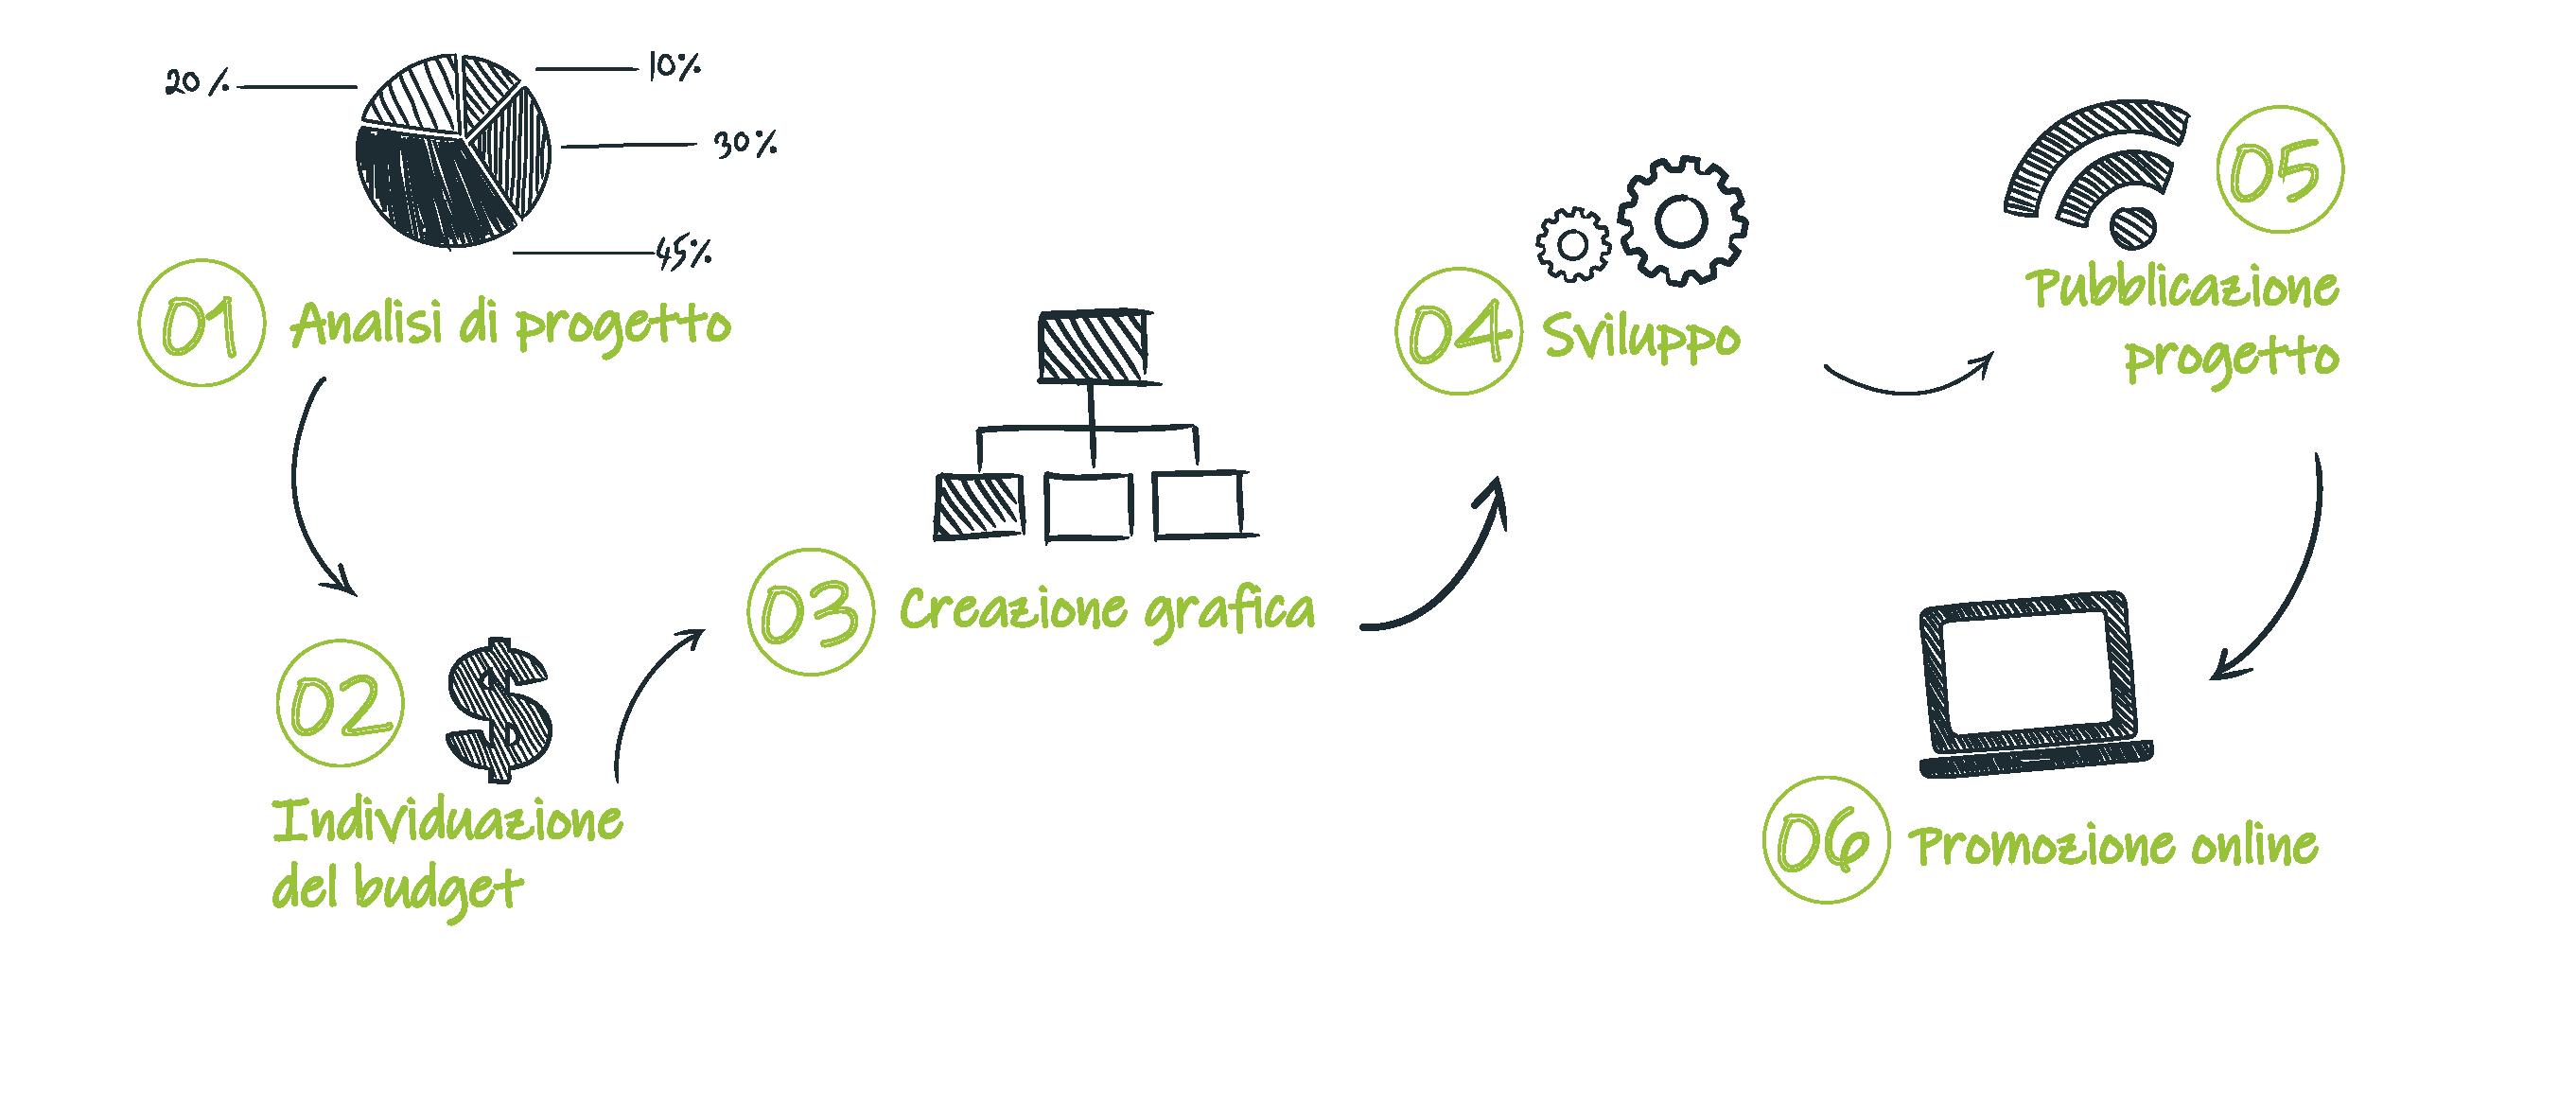 Processo di sviluppo di un sito internet